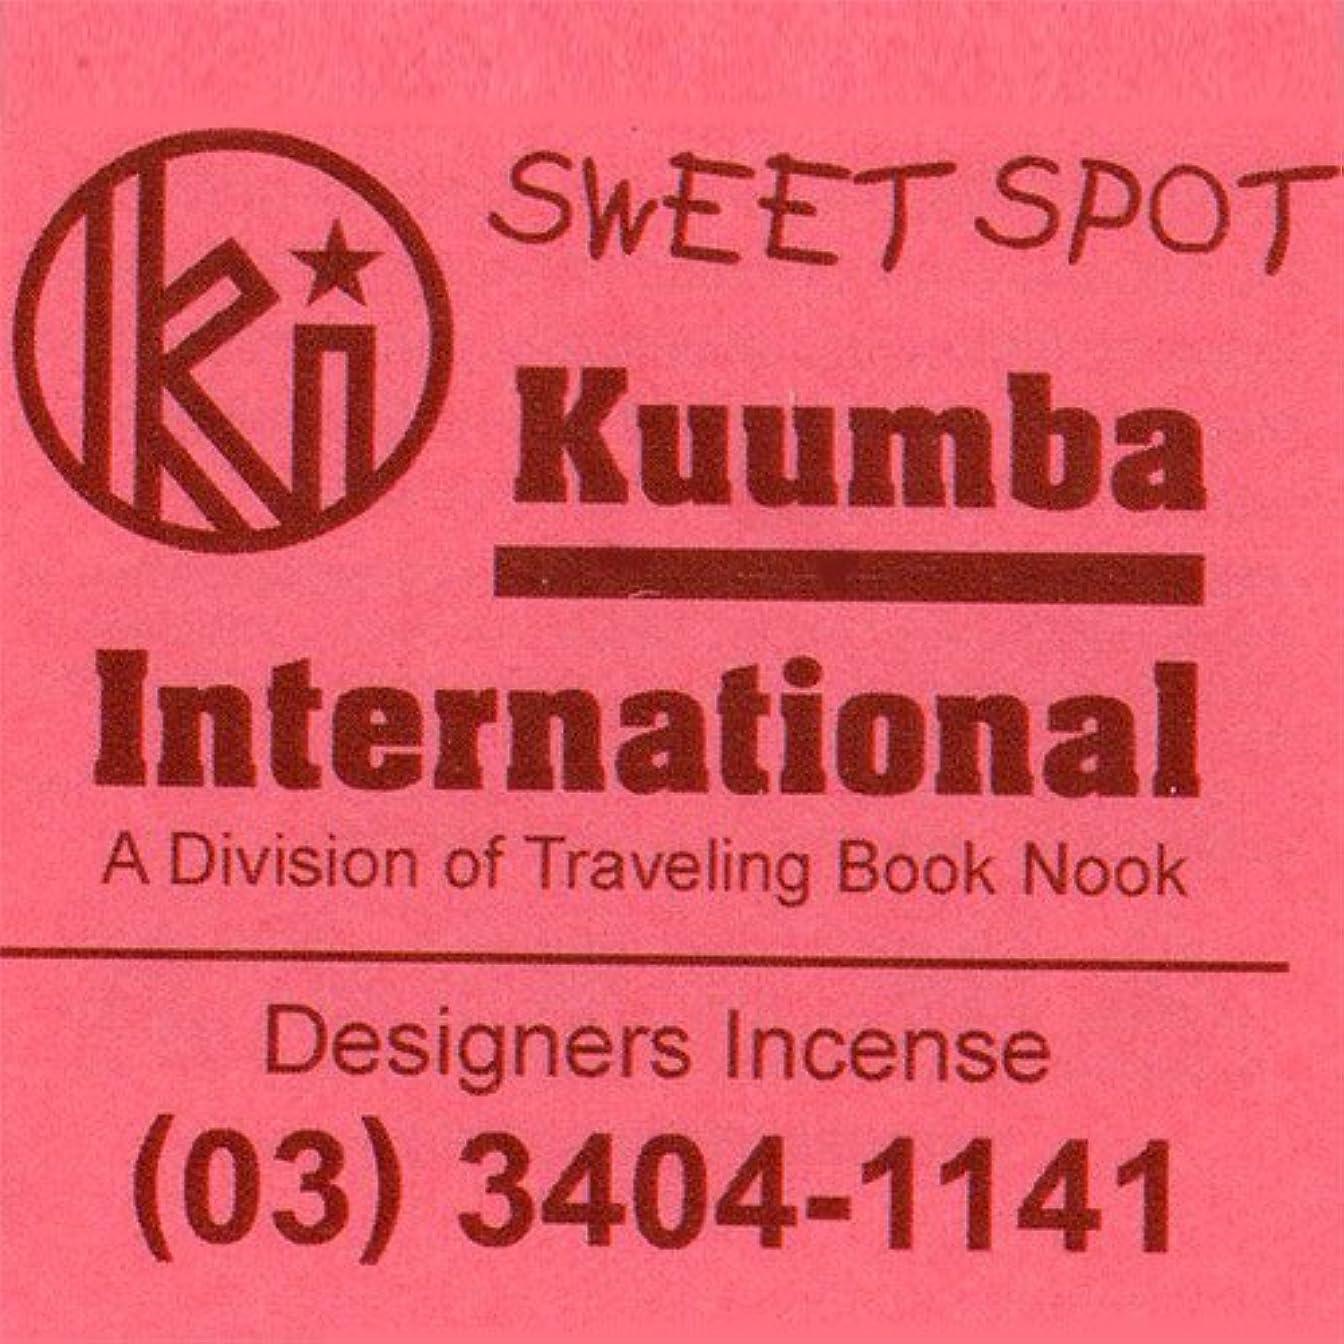 イソギンチャク機関車なくなるKUUMBA / クンバ『incense』(SWEET SPOT) (Regular size)